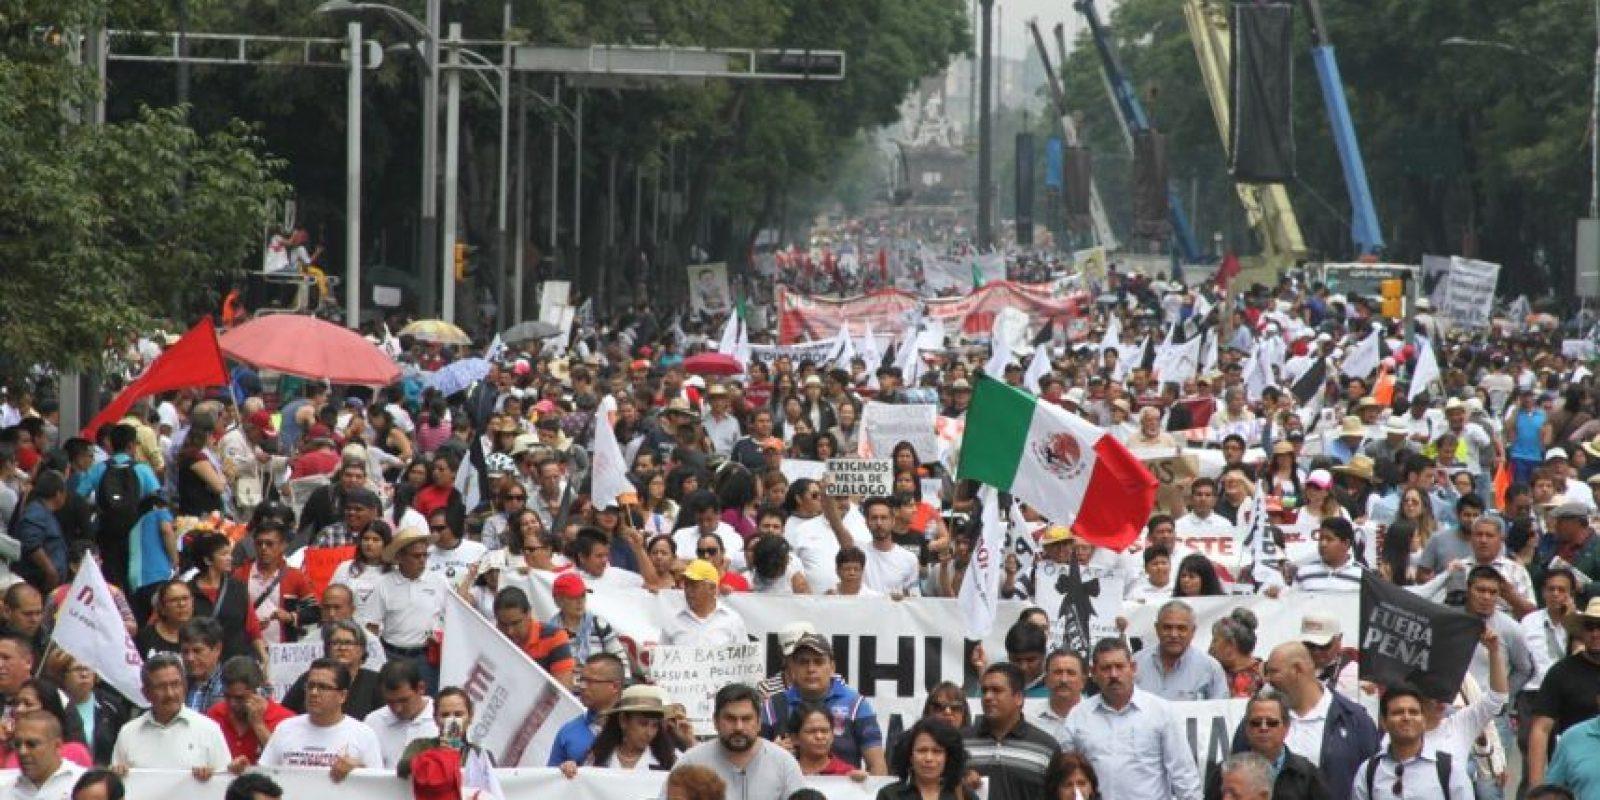 El contingente estuvo integrado por militantes de Morena y maestros de la CNTE Foto:Nicolás Corte